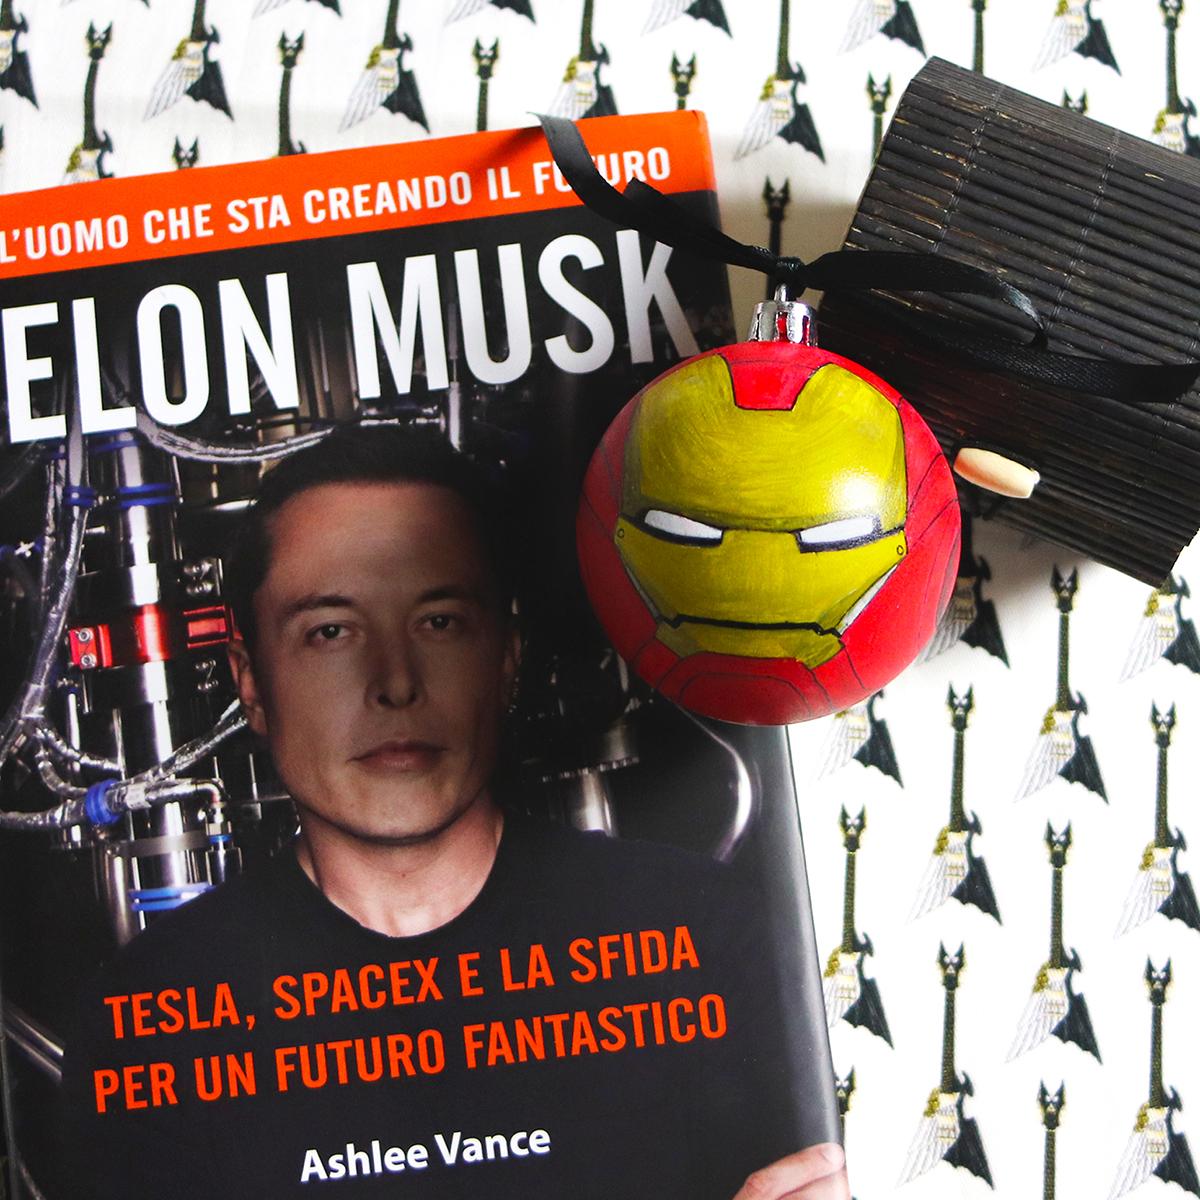 Elon Musk e Iron Man